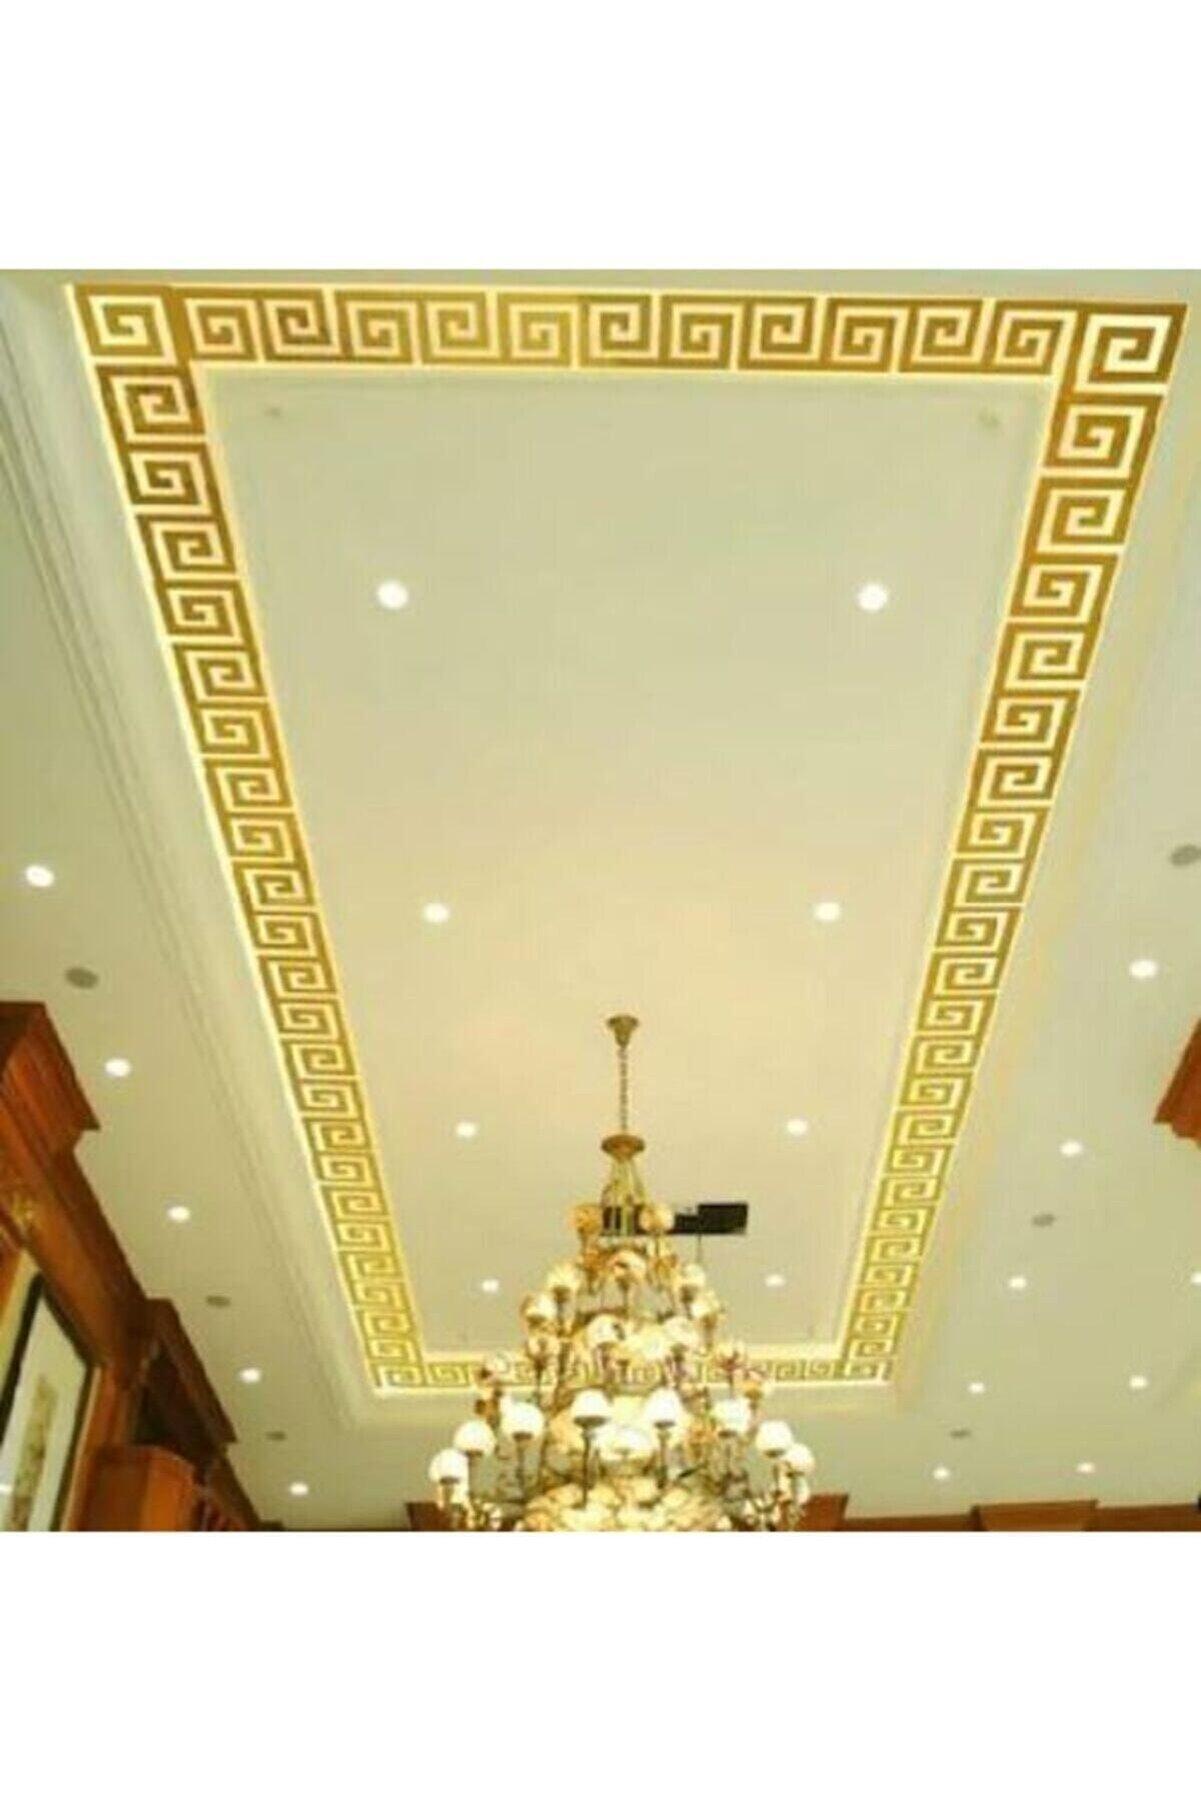 Abaküs Dekor Süs Labırent Bordür 40x Adet 7x7 Pleksi Dekoratif Bordür Altın Ayna Antre